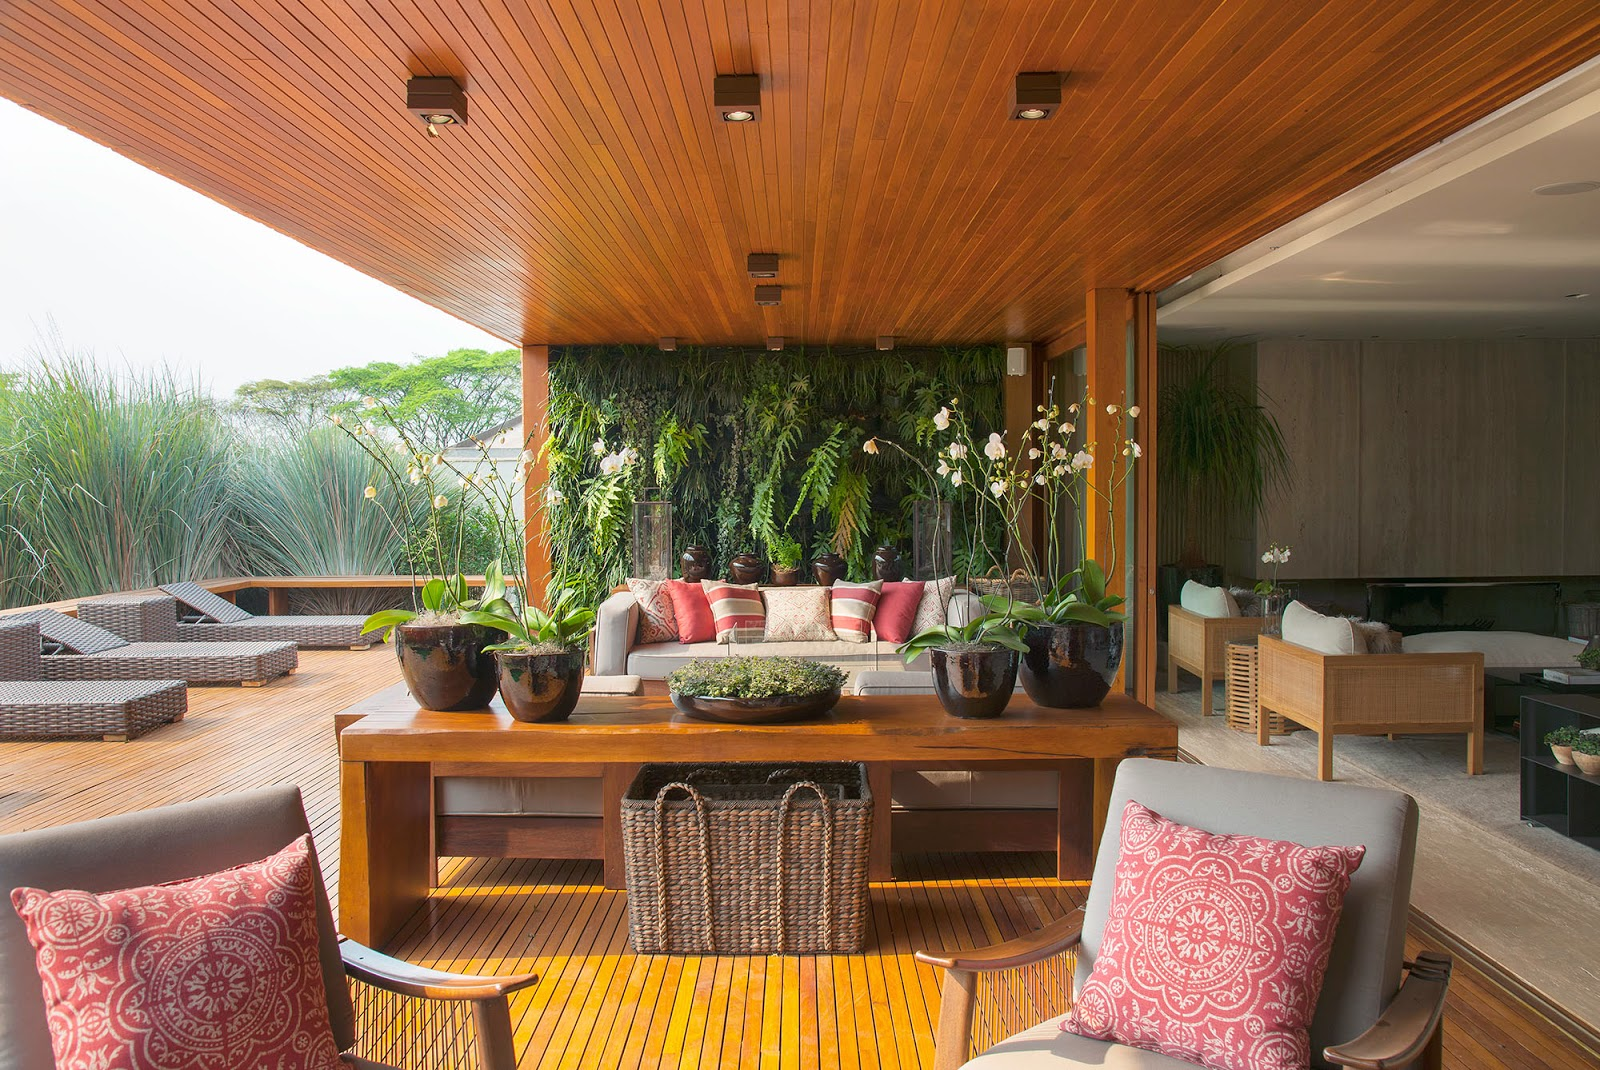 varanda sacada fechada decoradas modernas lindas apartamento decor  #C68C05 1600 1070